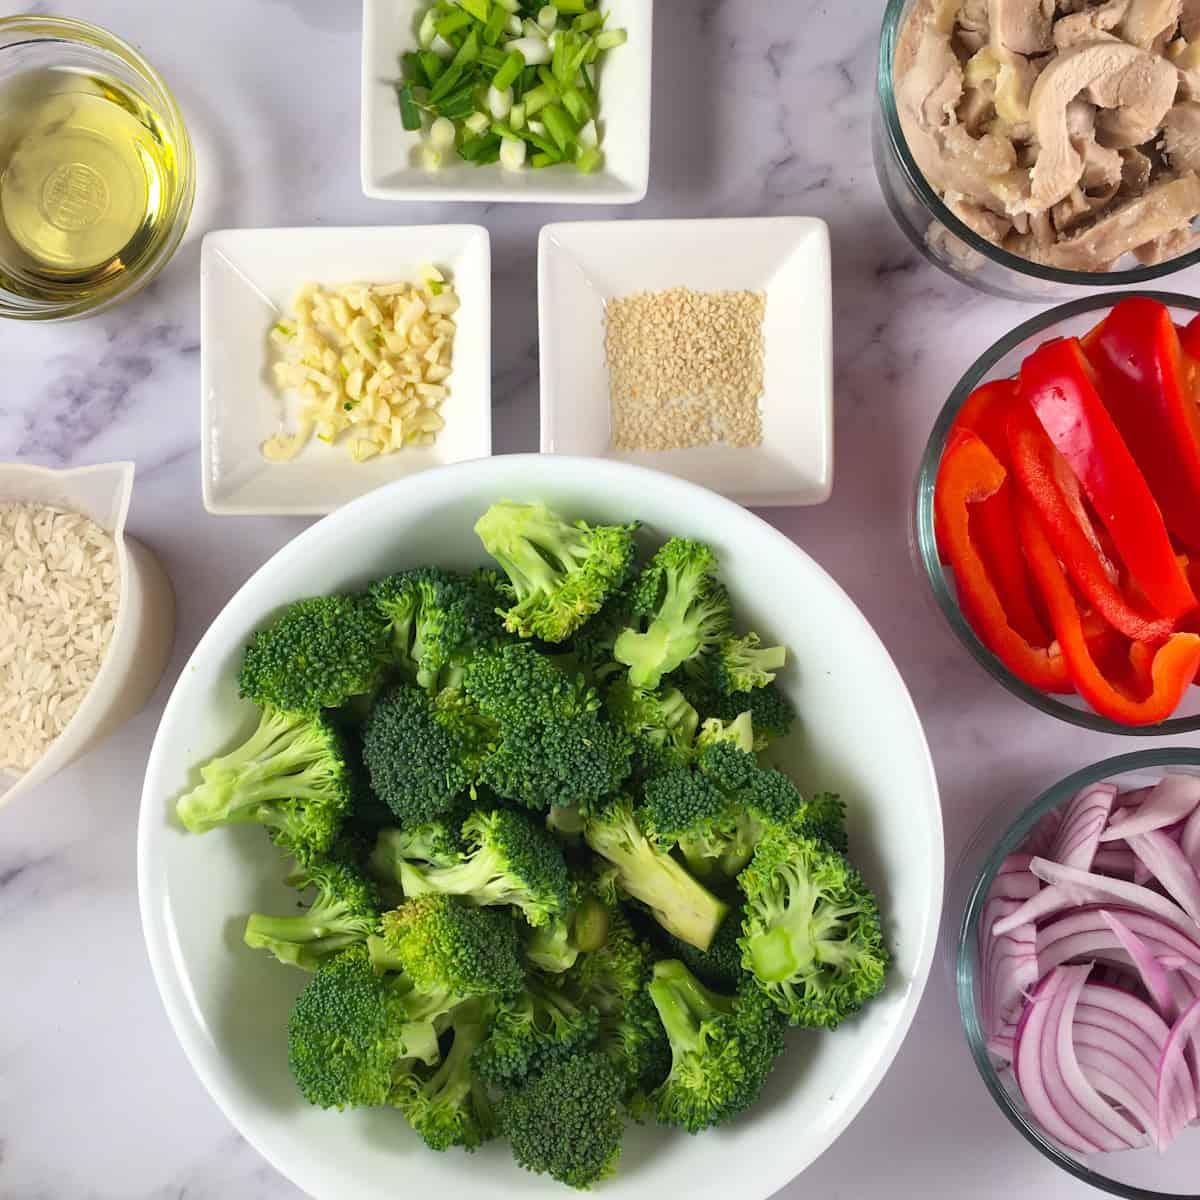 stir fry ingredients